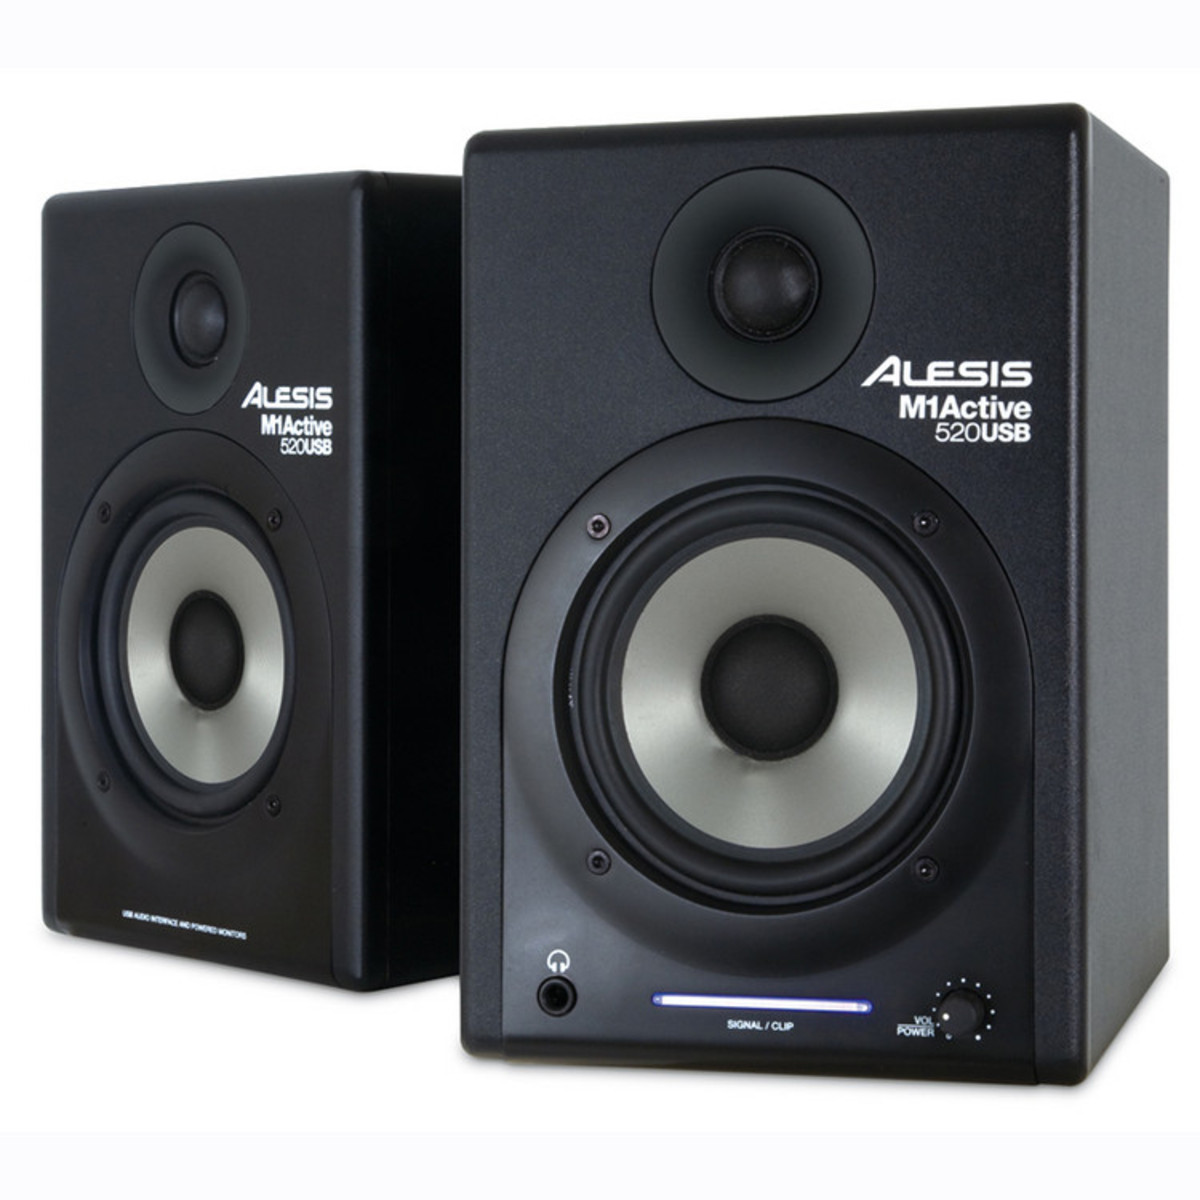 ALESIS M1ACTIVE 520